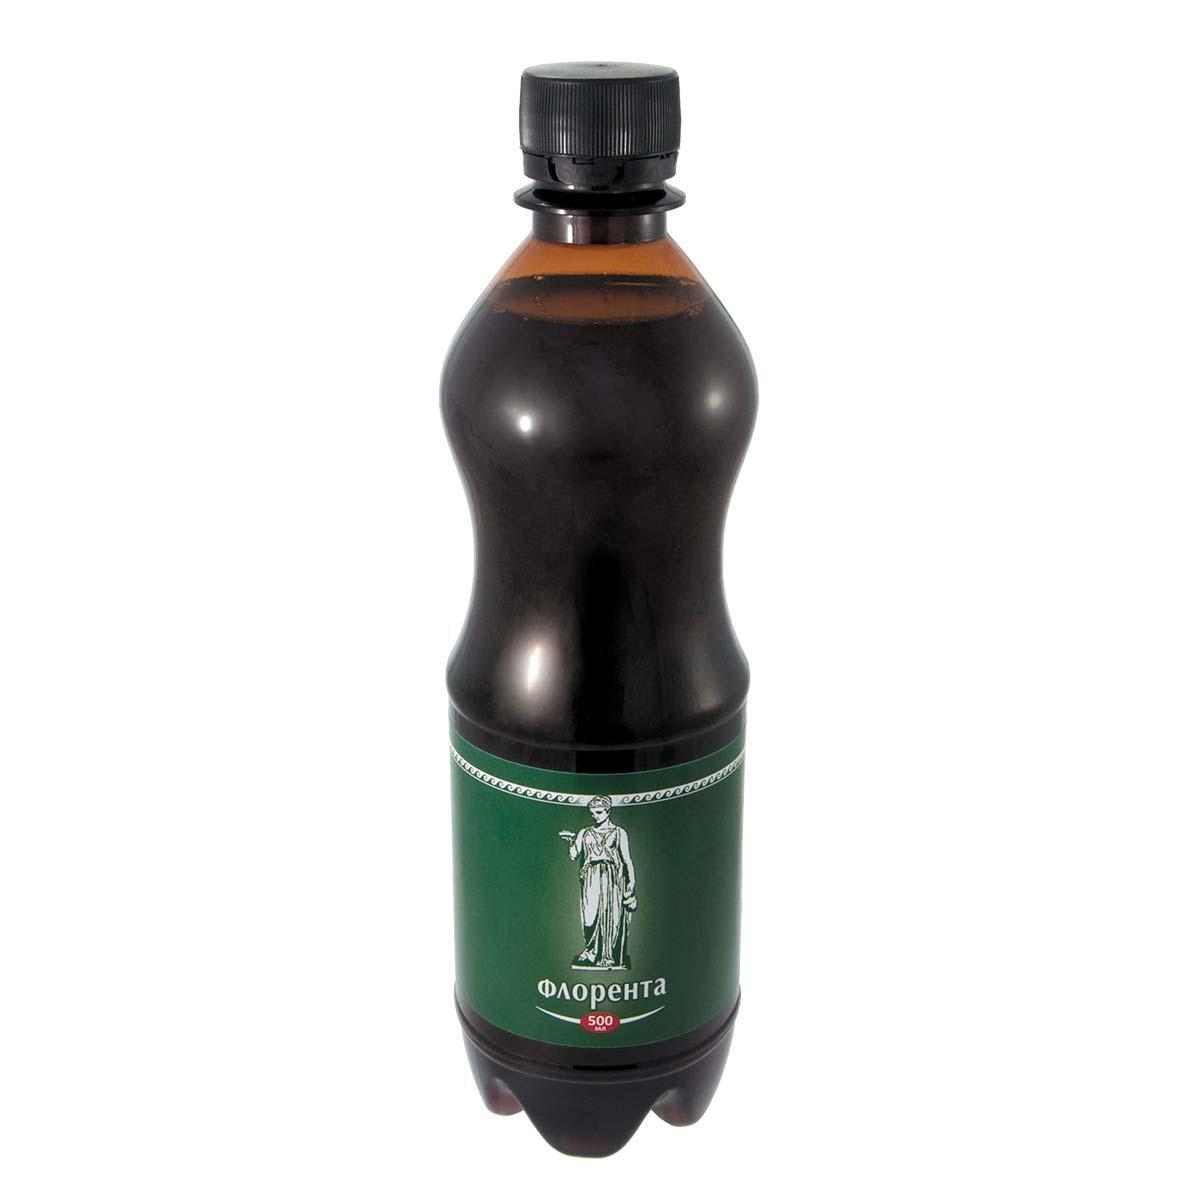 Флорента напиток 500 мл Арго концентрат пихты, иммунитет, бронхит, грипп, вирусы,инфекция, для детей, взрослых